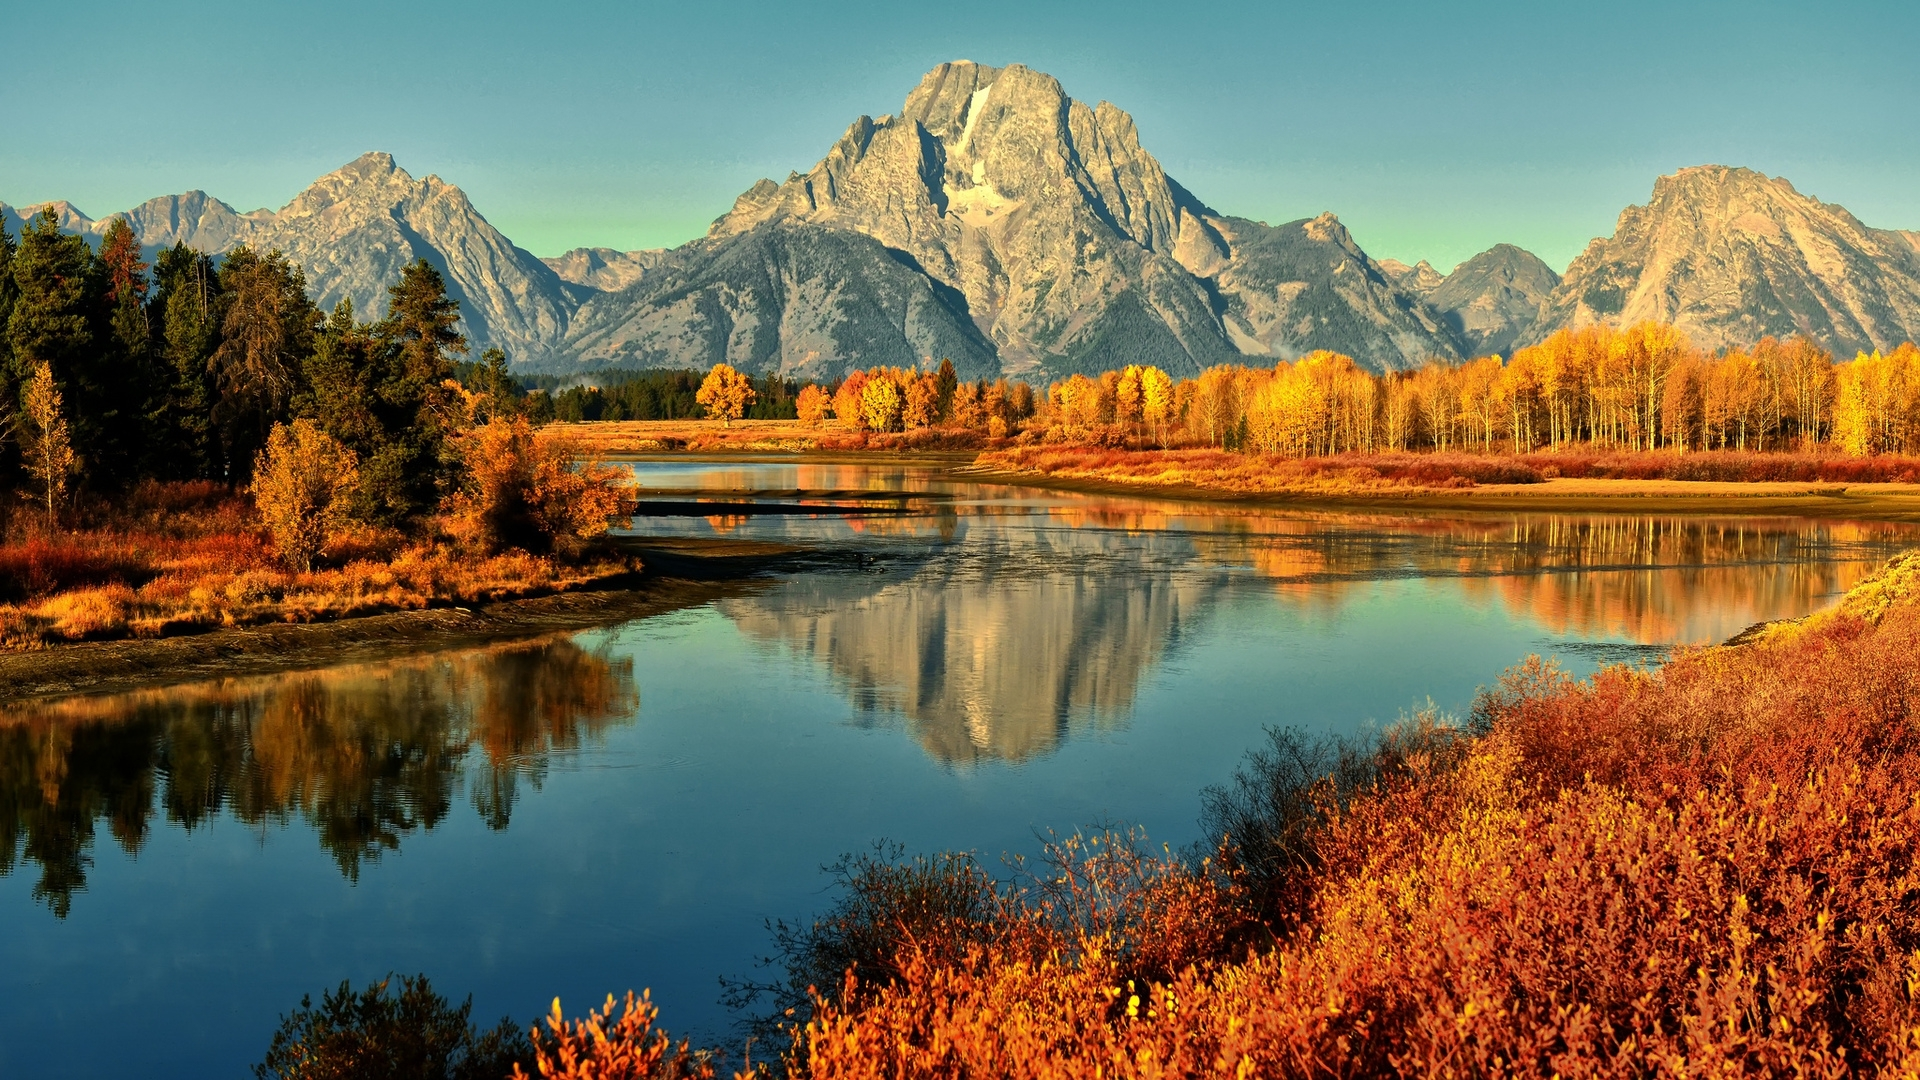 nature & landscape autumn mountains wallpapers (desktop, phone